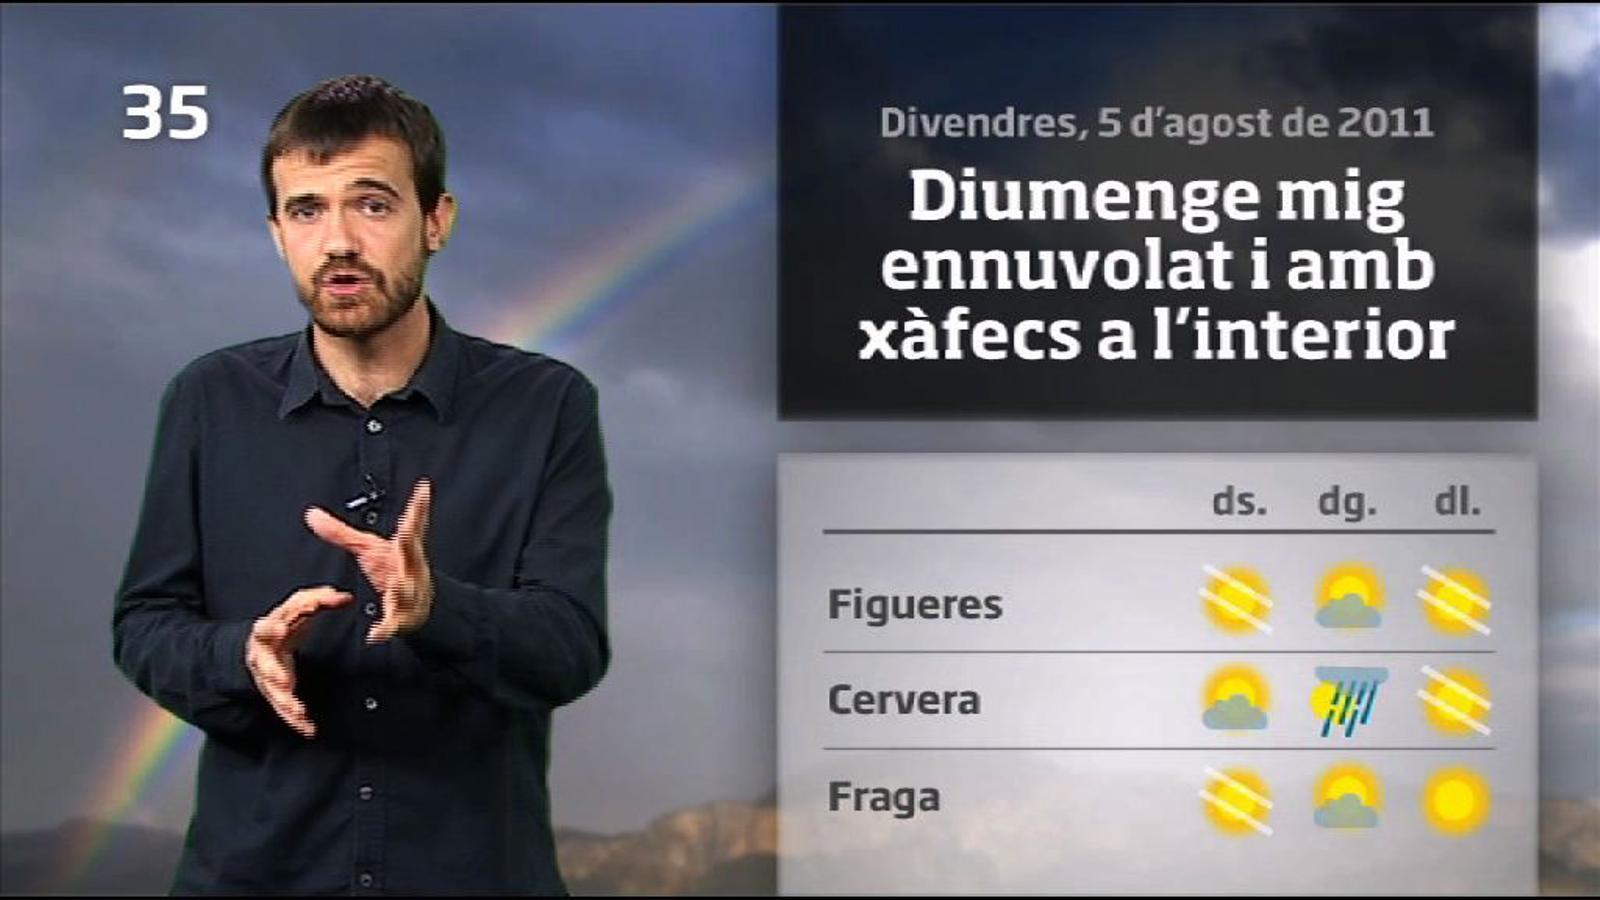 La méteo en 1 minut: Grans clarianes però cap de setmana canviant (05/08/2011)